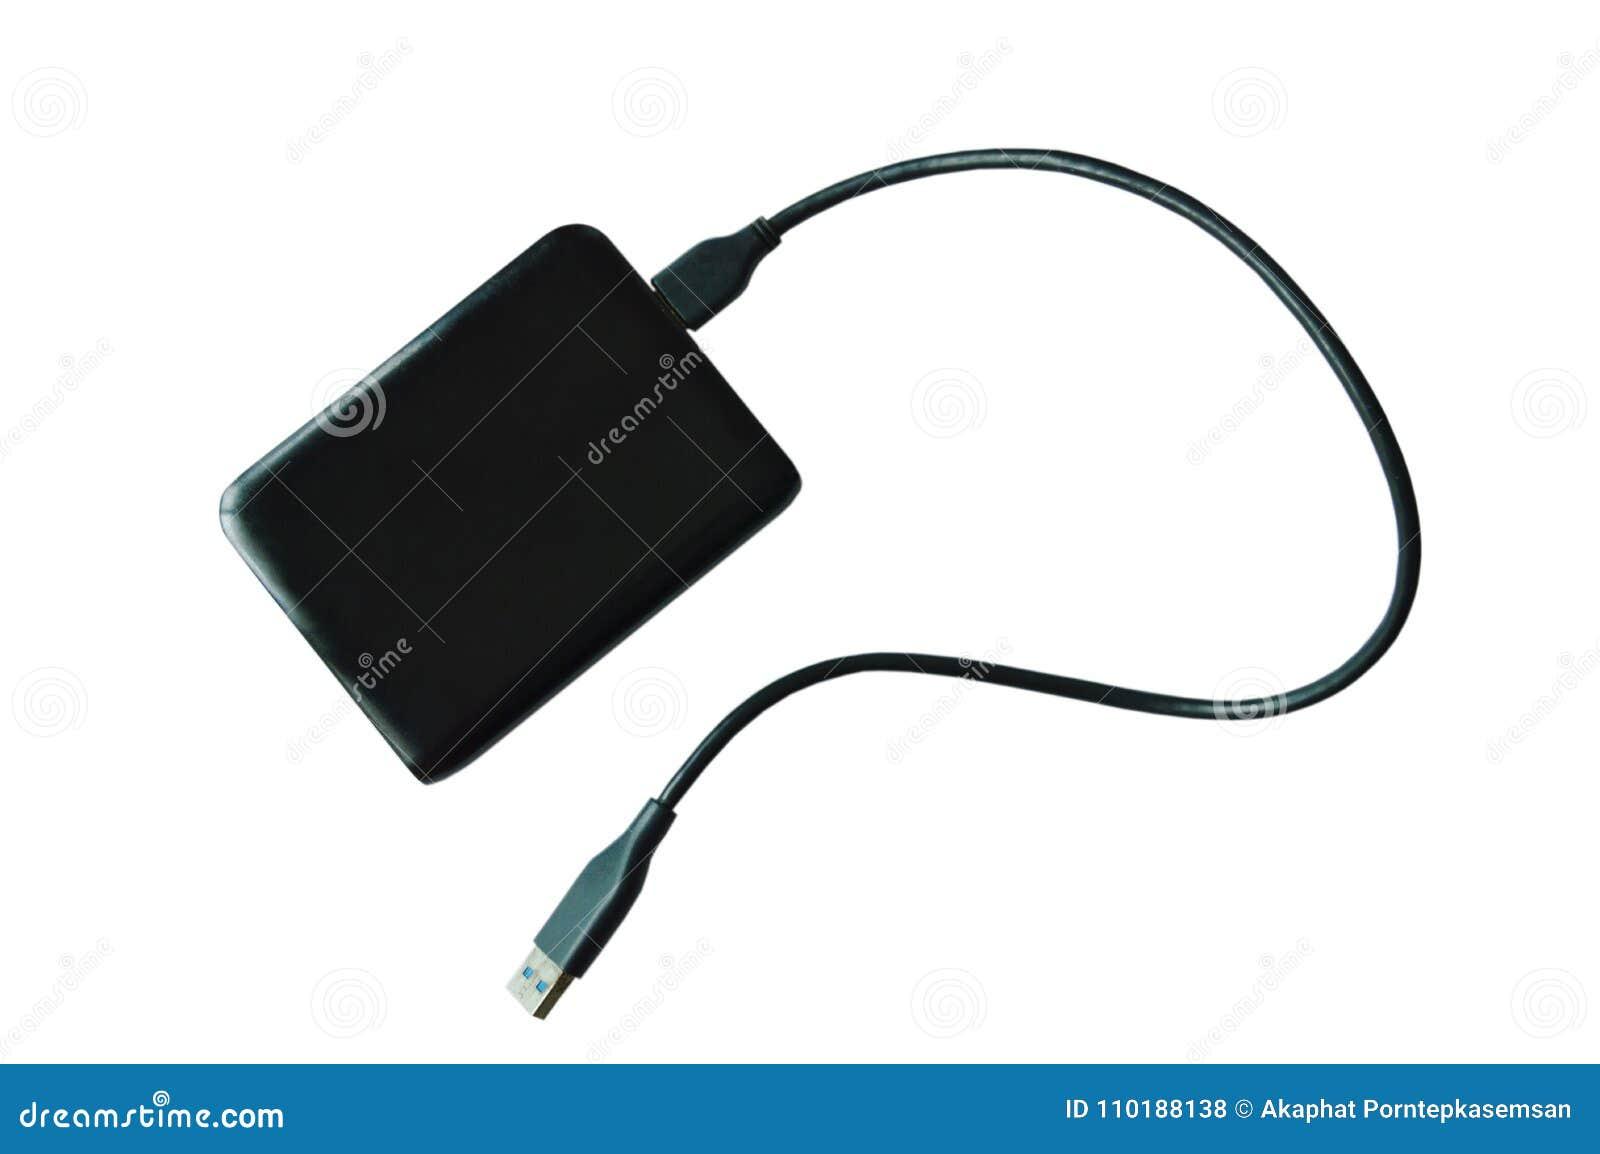 Disco rigido esterno dell Universal Serial Bus nero che si collega al computer su fondo bianco